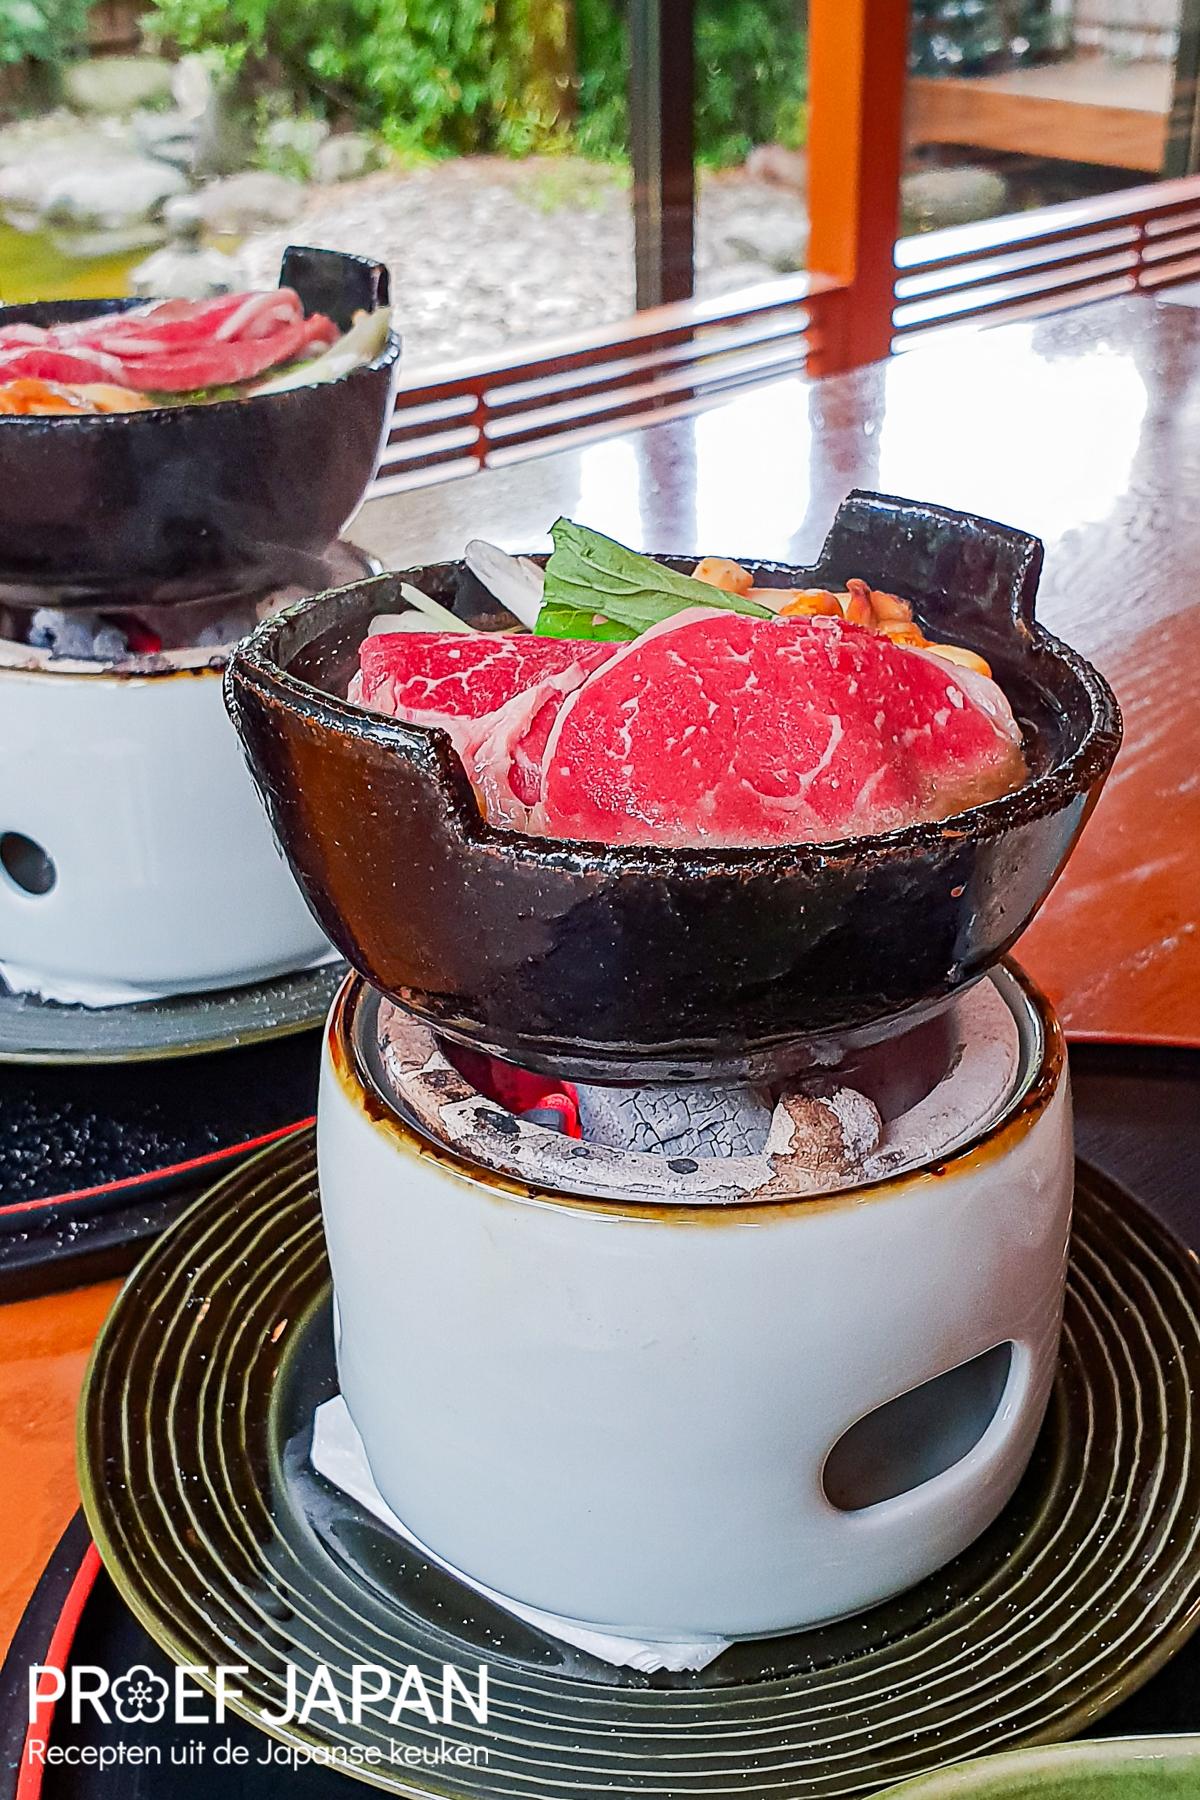 Shiizakana gang tijdens het diner bij restaurant Yamazato. Een sukini stijl hotpot met dungesneden ribeye.